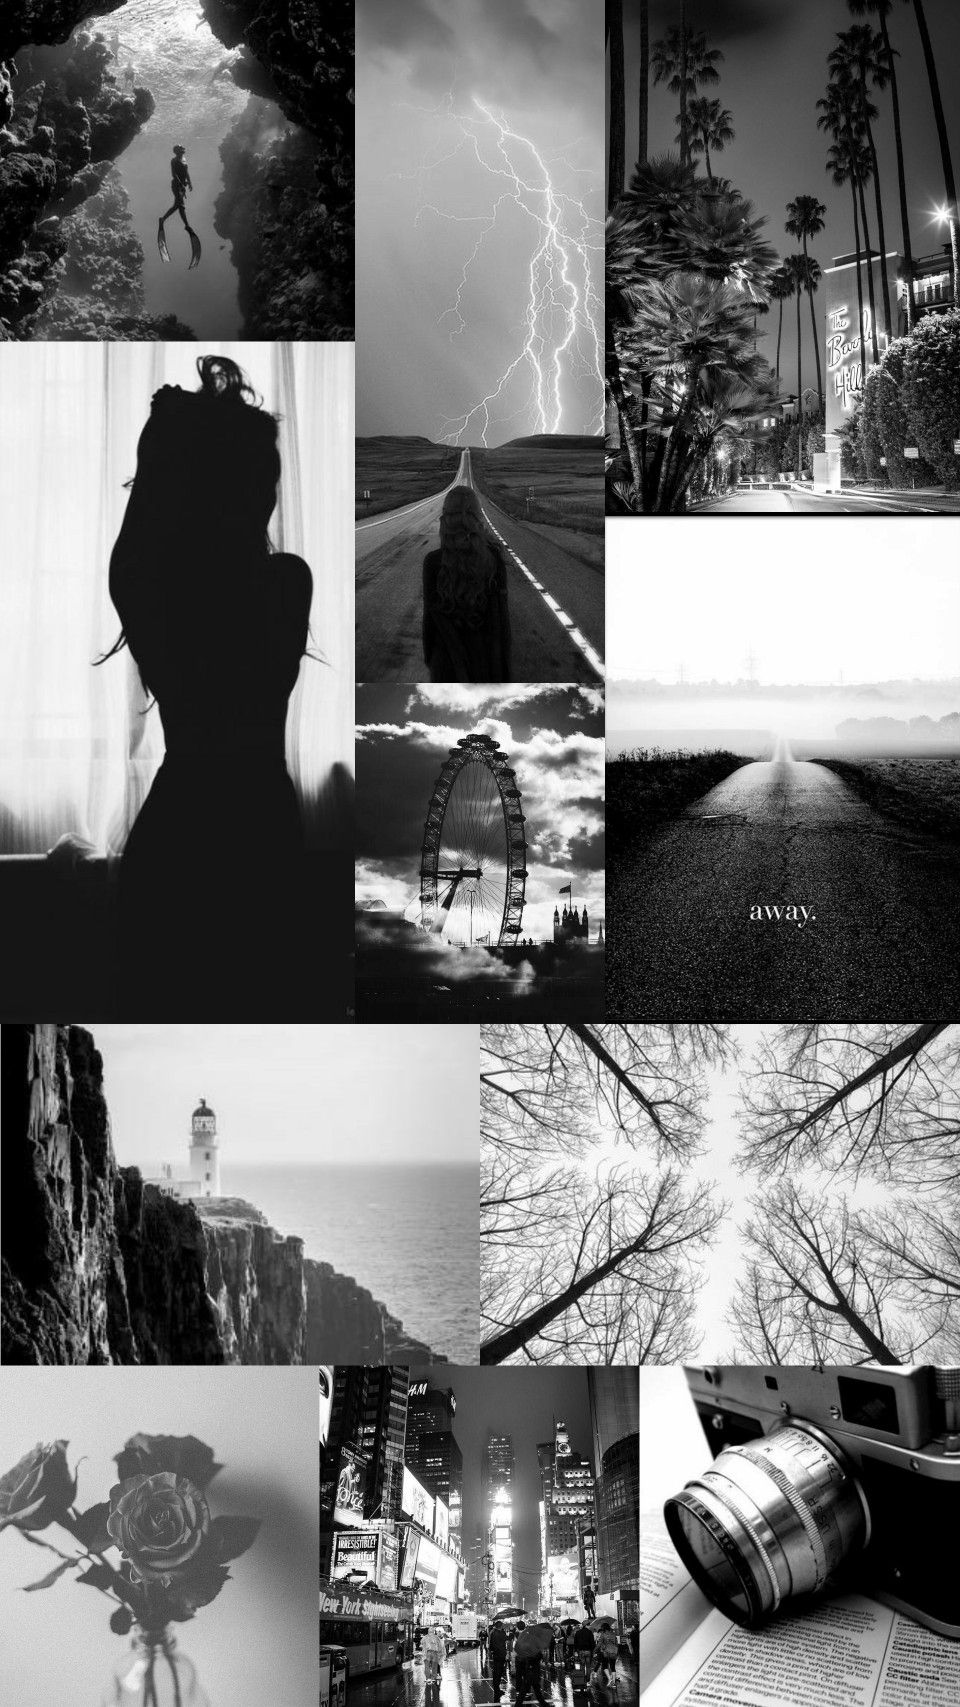 Hintergrundbild Schwarz Weiß Hintergrundbilder Schwarz Weiß Hintergrundbilder Hintergrundbilder Schwarz